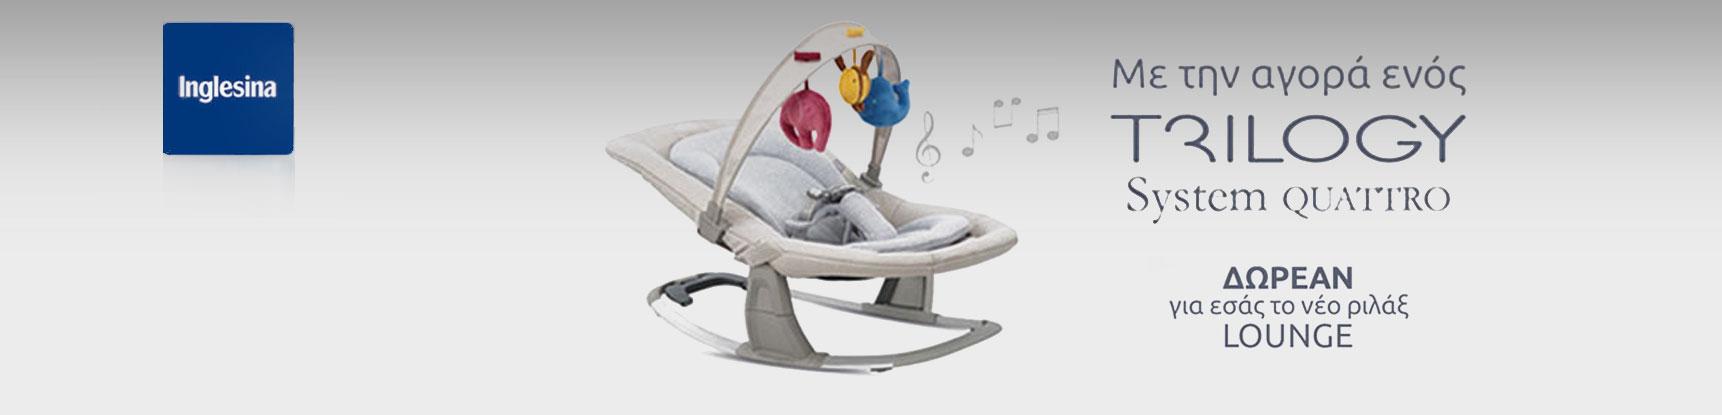 Με την αγορά ενός συστήματος μεταφοράς  Inglesina Trilogy ή Inglesina Trilogy Quattro παίρνετε ΔΩΡΕΑΝ το νέο άνετο μουσικό Relax Lounge.